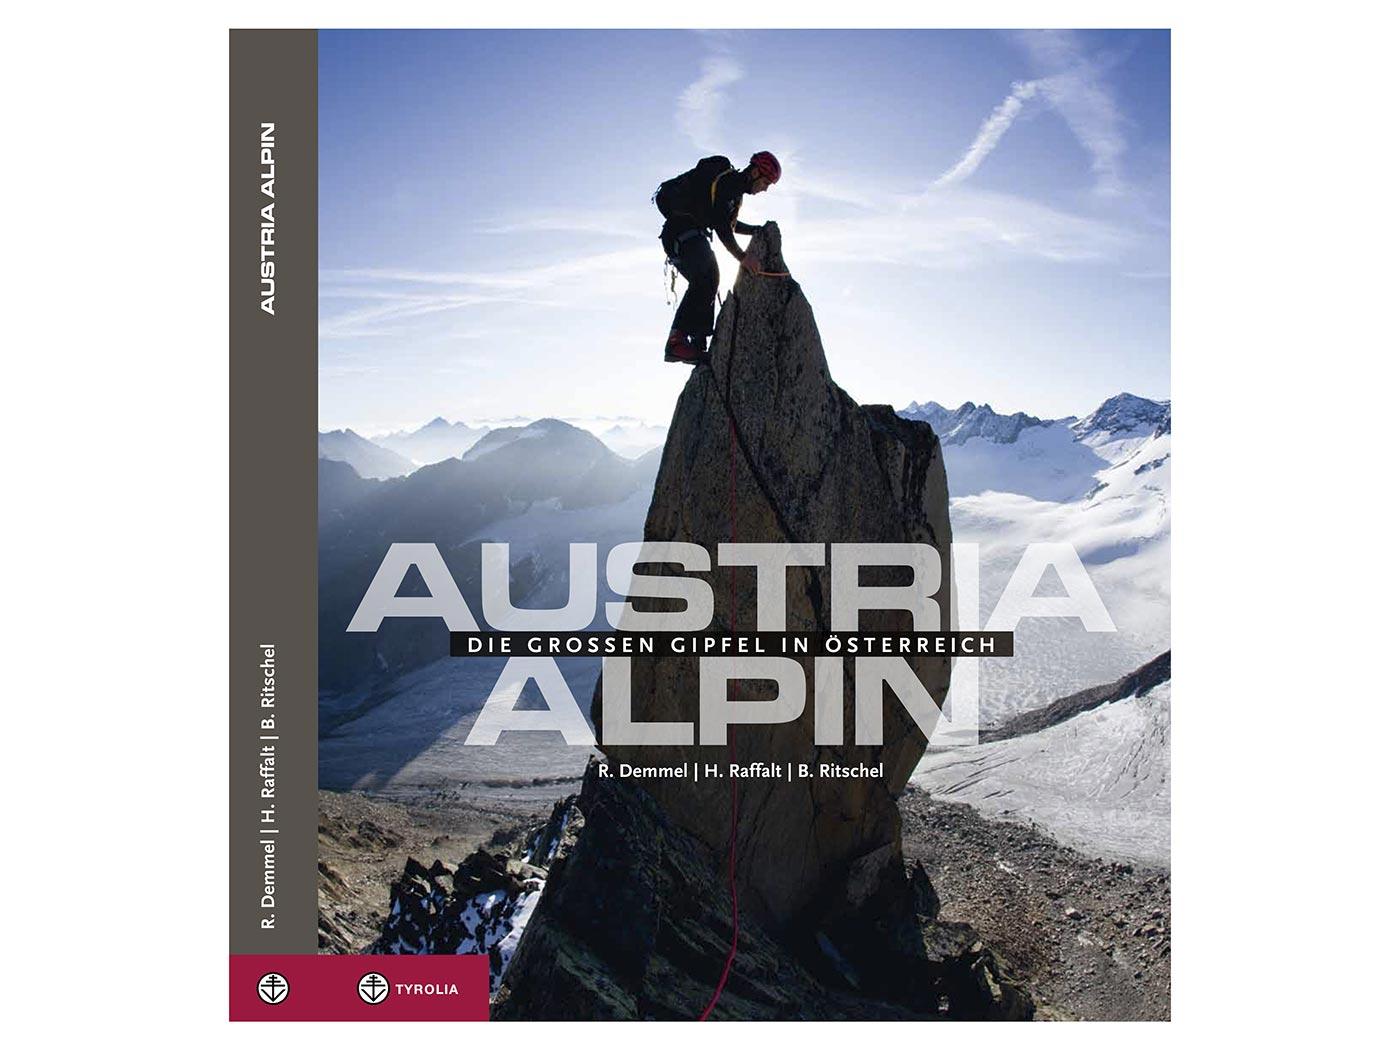 austria-alpin-grosse-gipfel-in-oesterreich